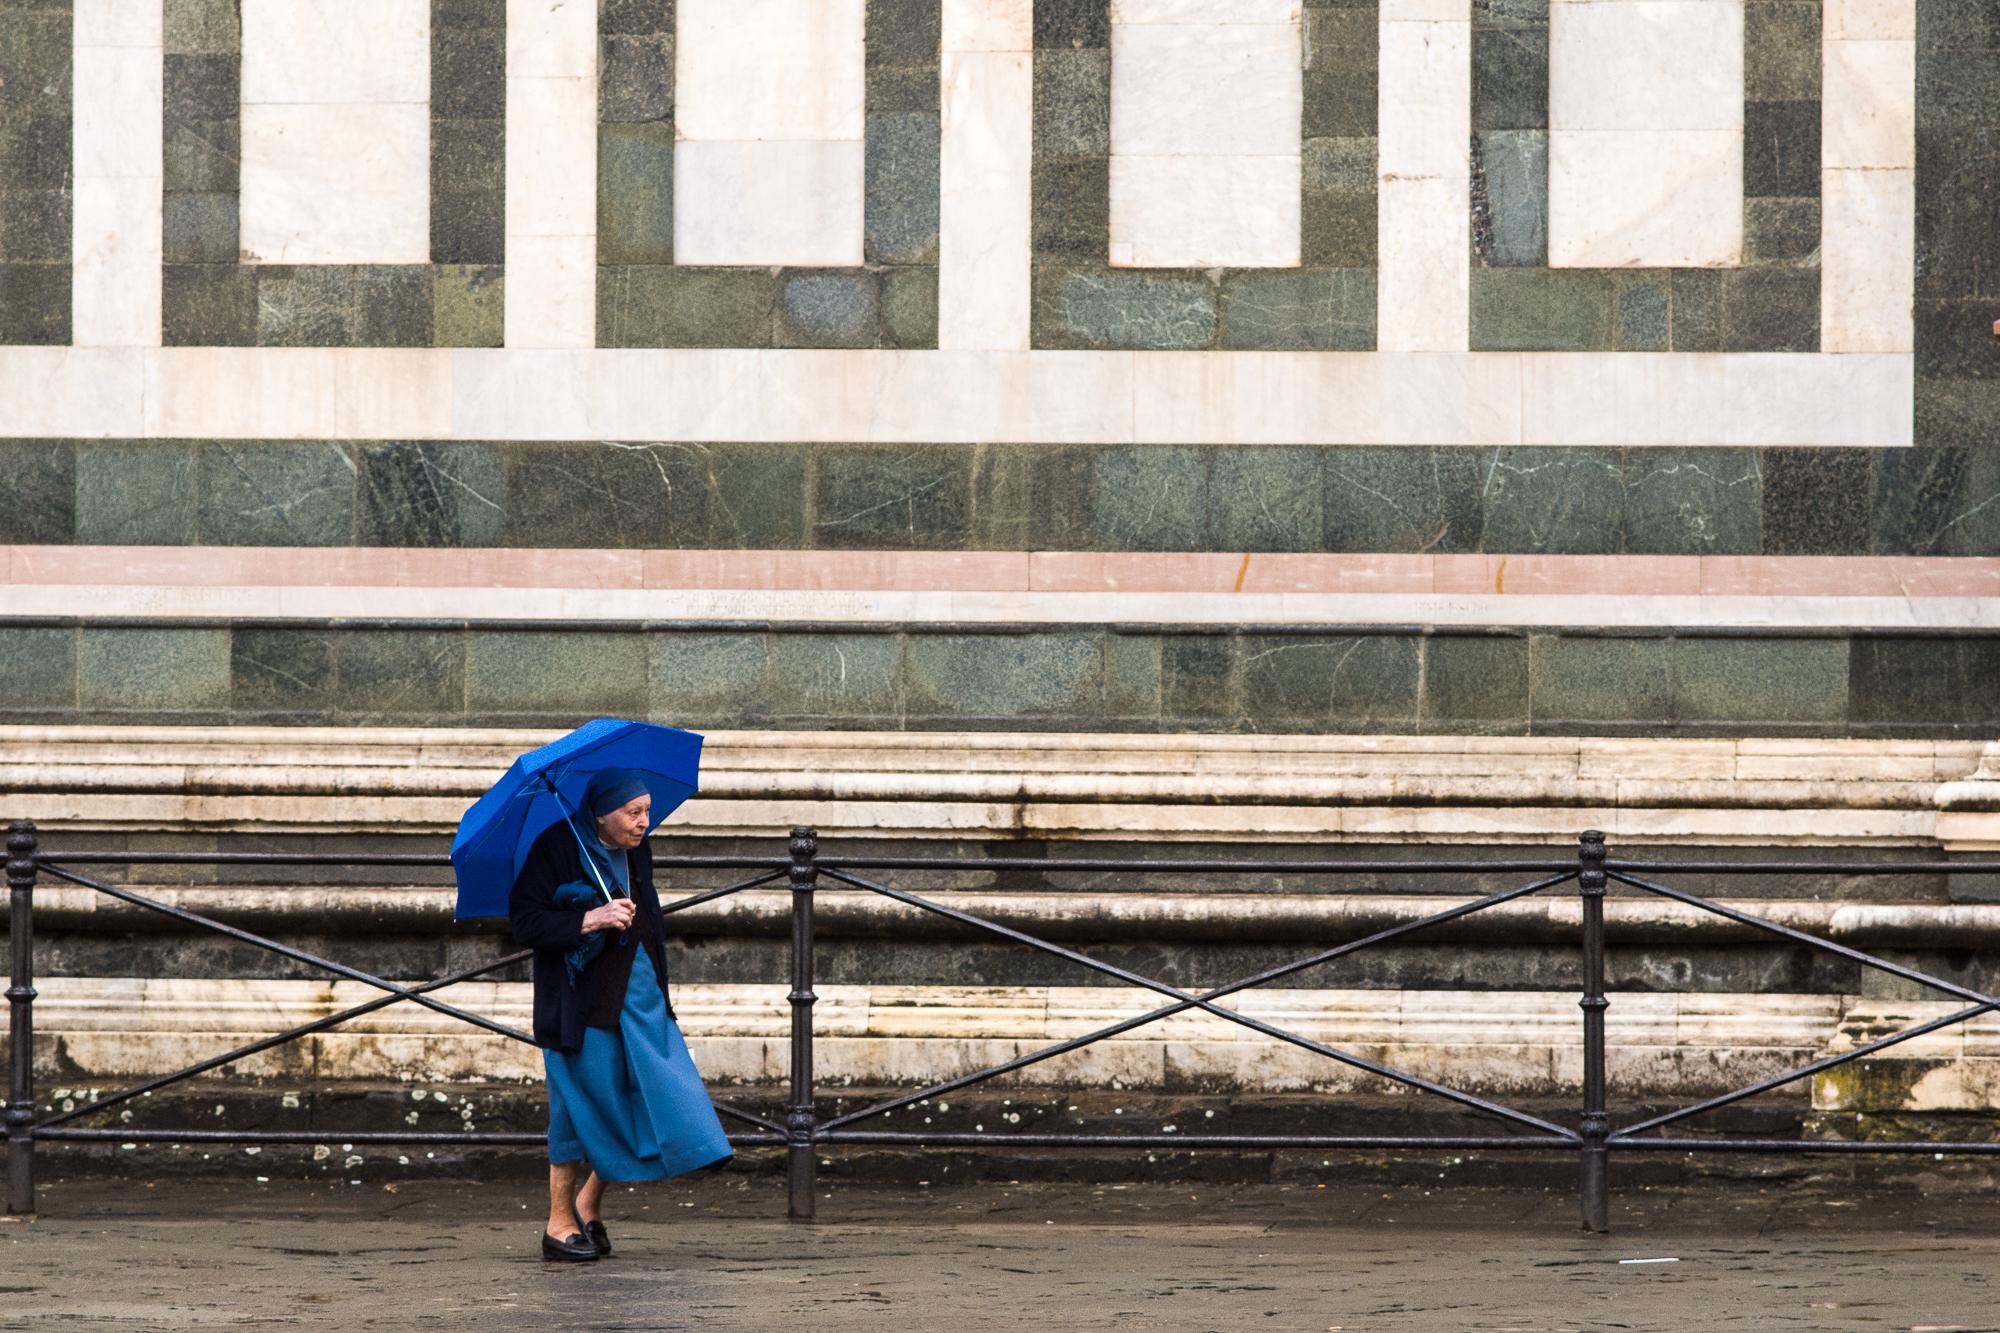 Nun outside the Duomo